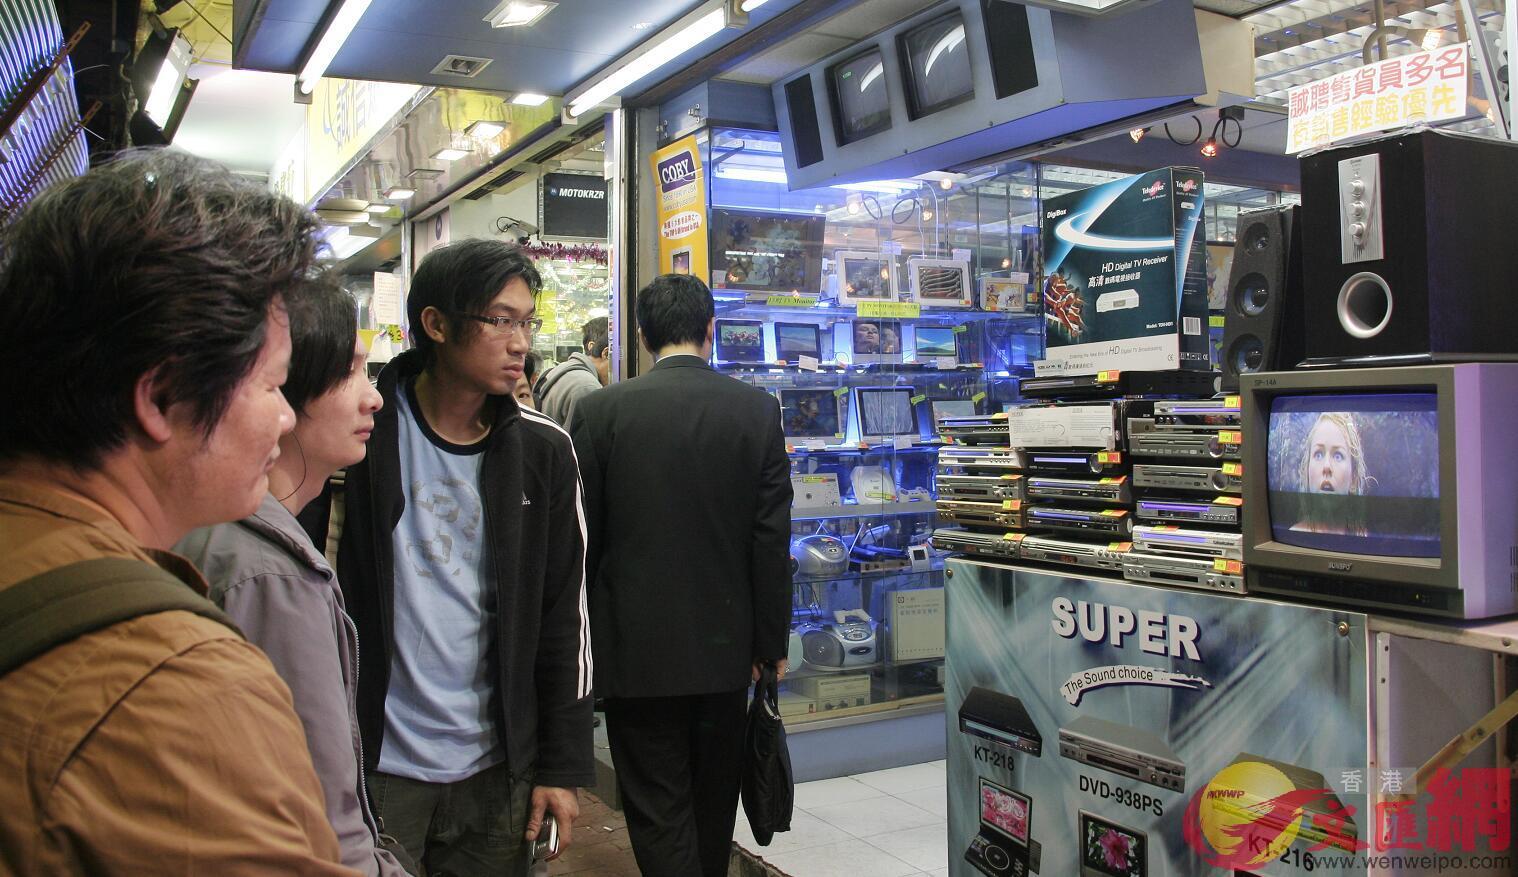 香港明年11月30日終止模擬電視廣播。圖為鴨寮街商戶售賣機頂盒。